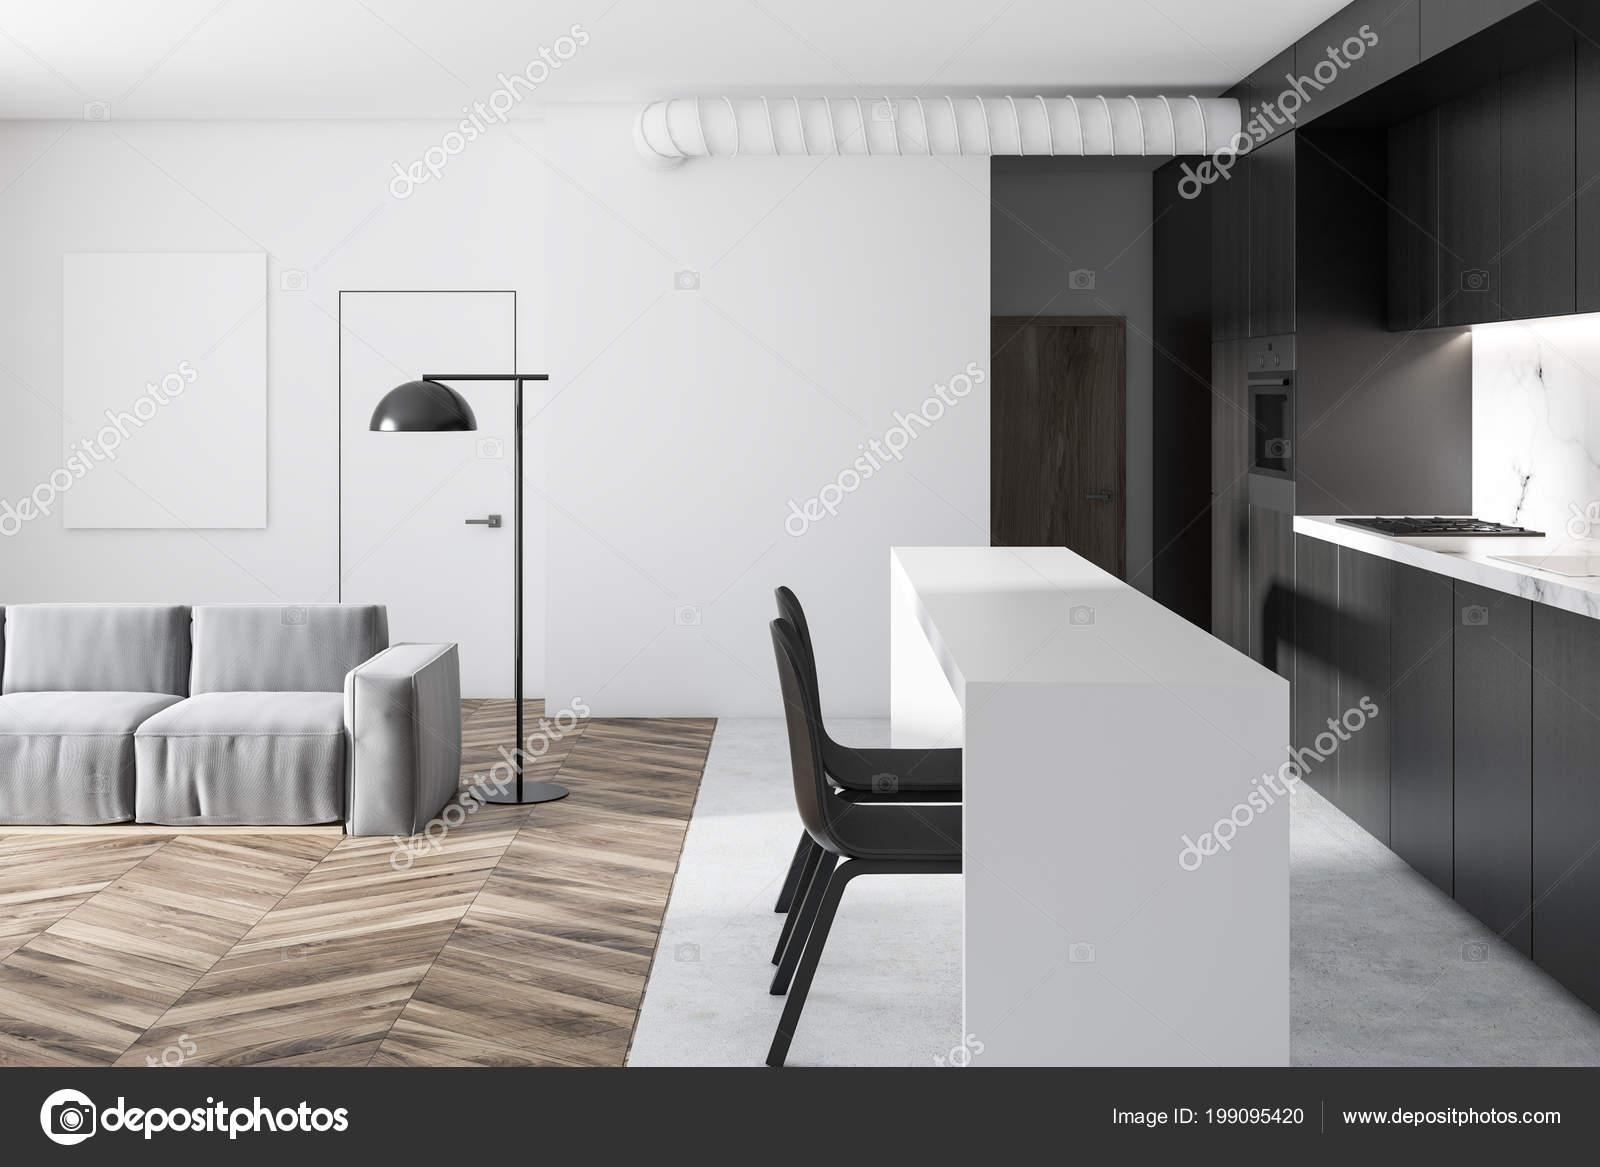 Witte Zwarte Keuken Woonkamer Interieur Een Studio Met Een Houten ...